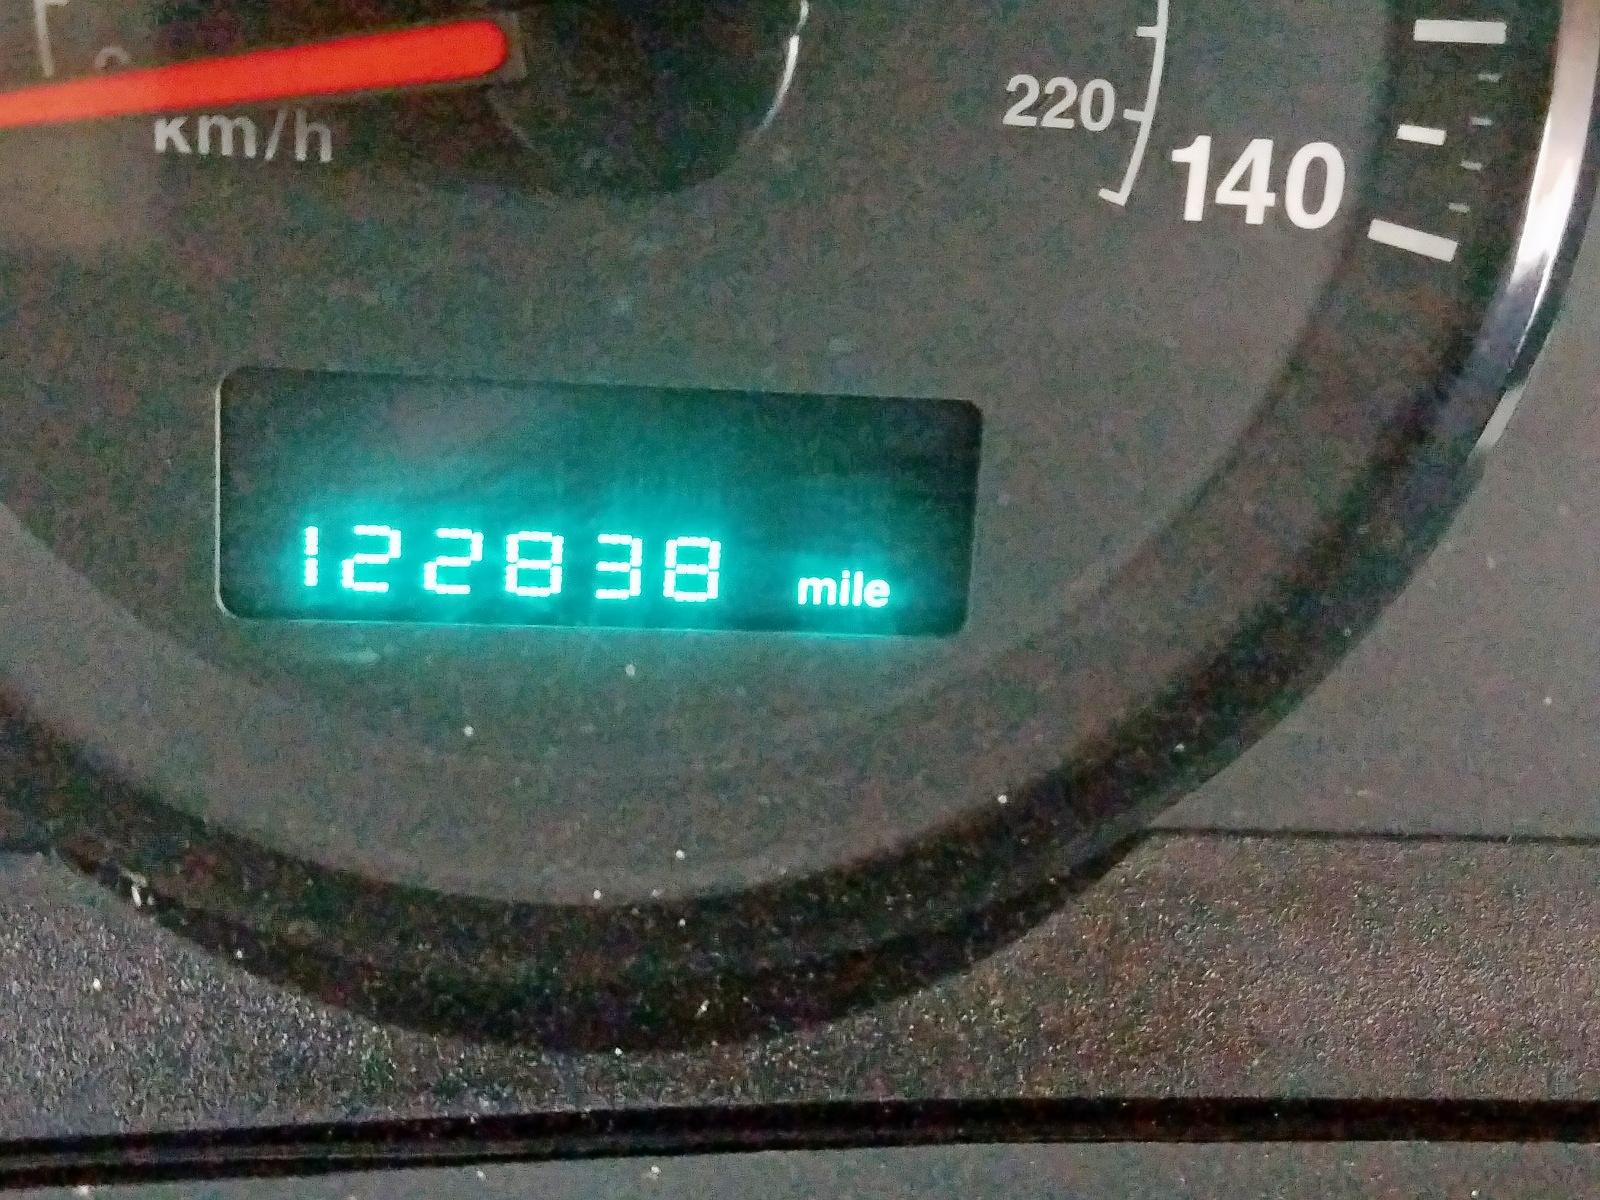 1J4GS48KX6C112697 - 2006 Jeep Grand Cher 3.7L front view